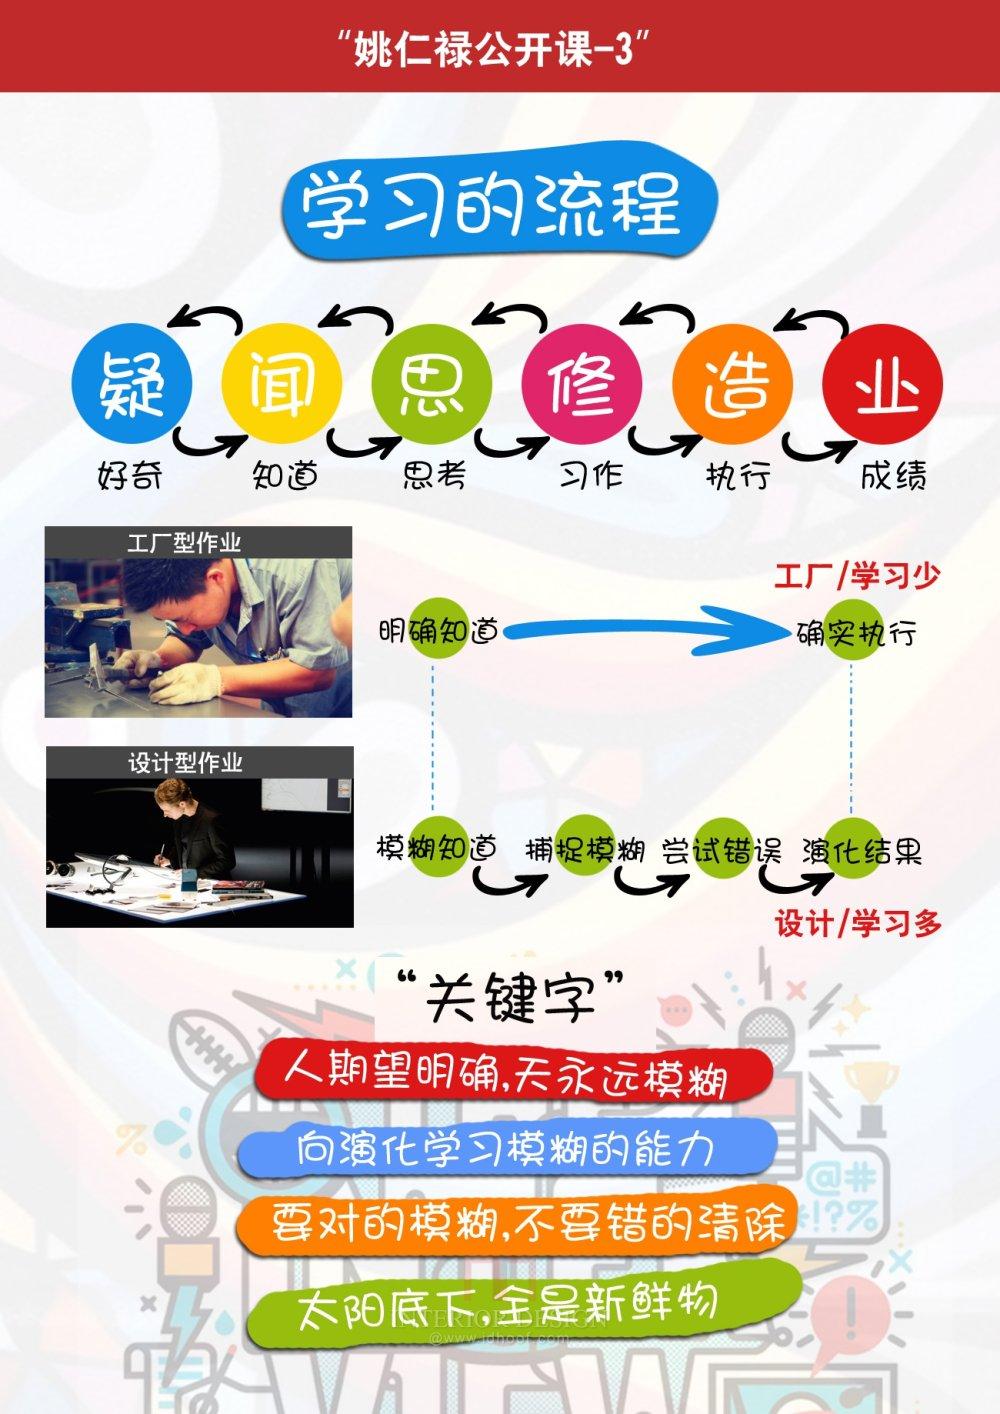 【姚仁禄公开课】-09年上下学期课程笔记_3-09年上班学期课程.jpg